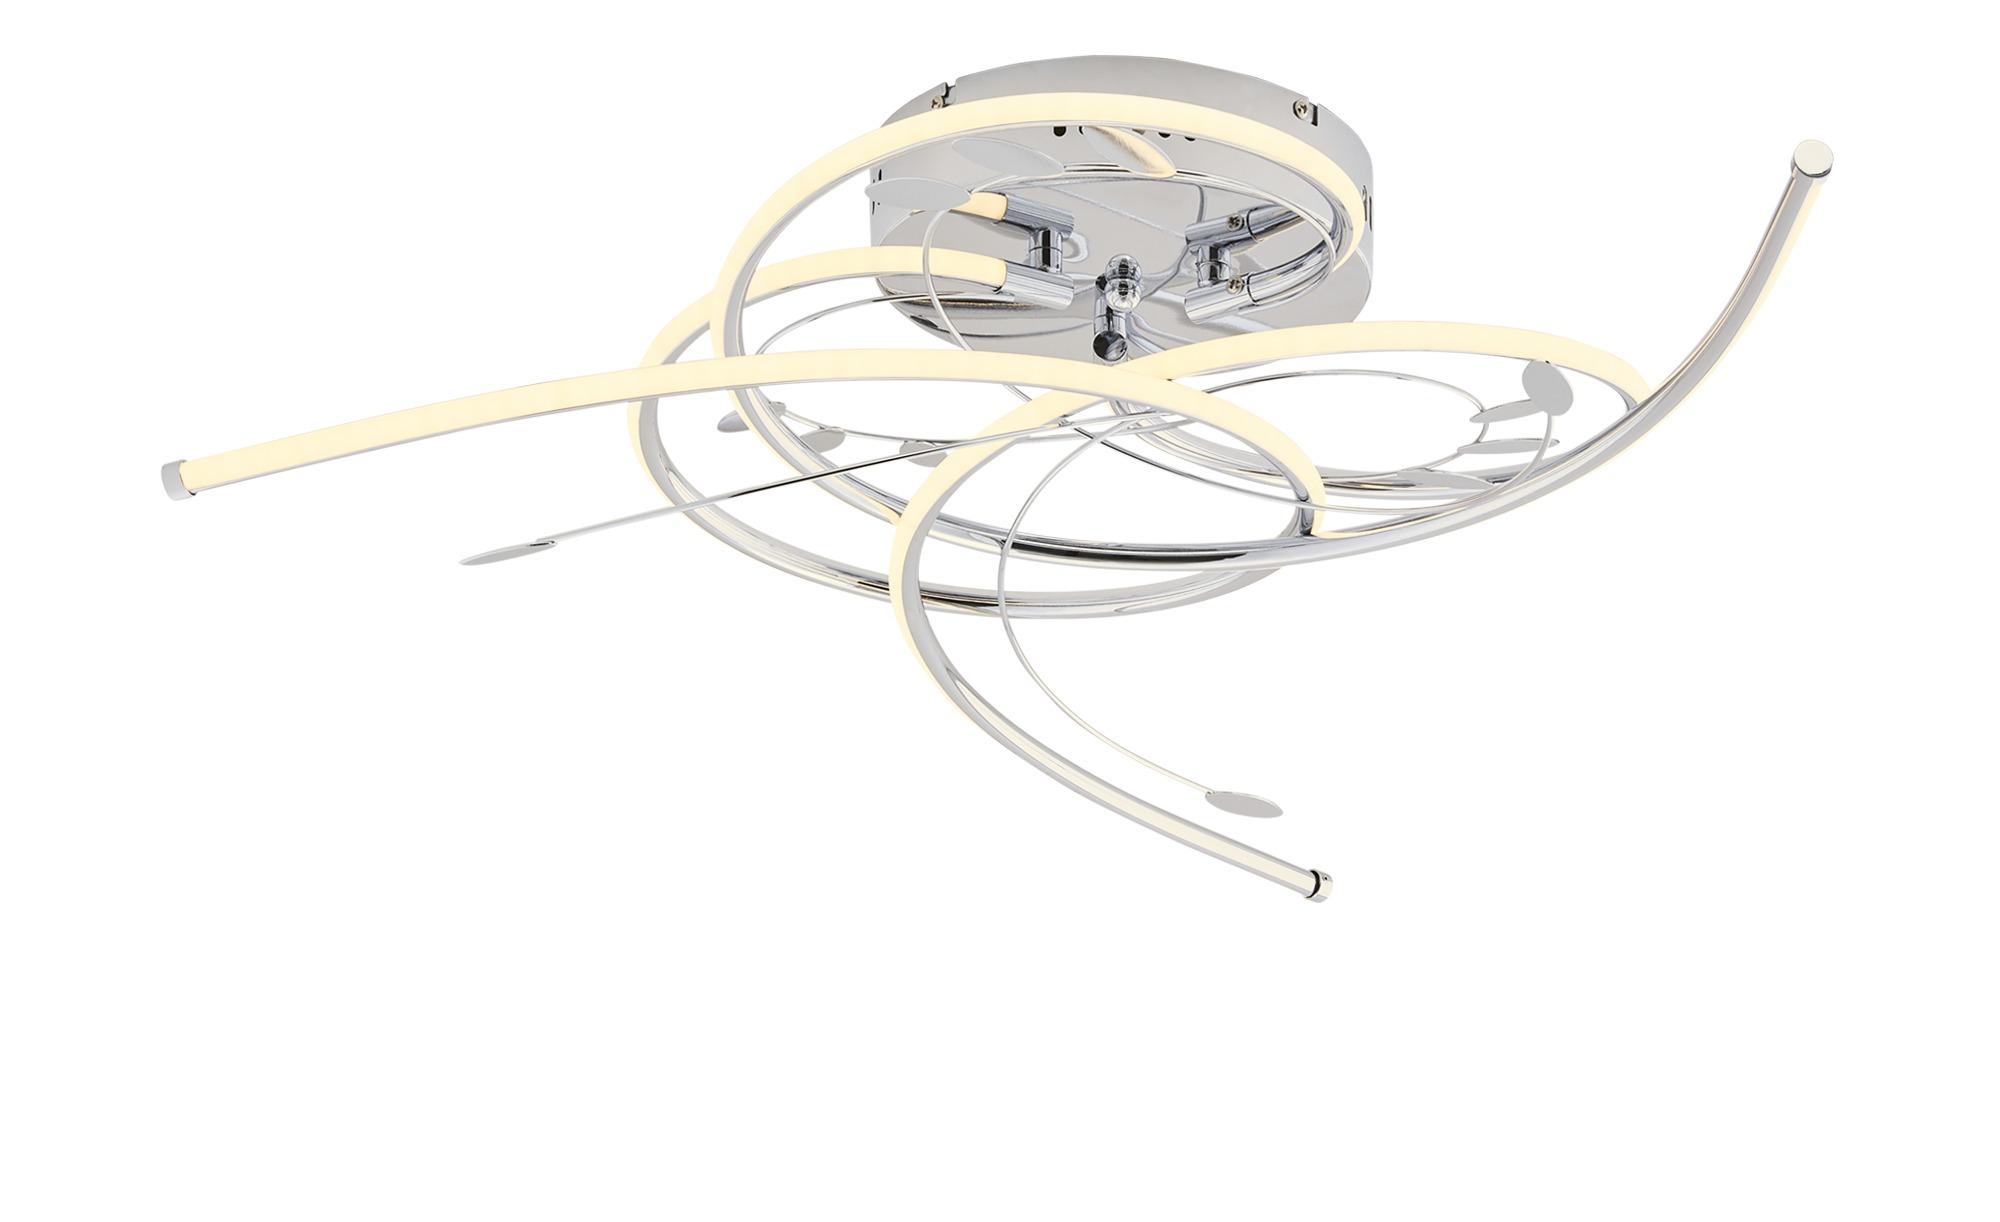 KHG LED-Deckenleuchte, chrom, mit Blattdeko ¦ silber ¦ Maße (cm): H: 11 Ø: [62.0] Lampen & Leuchten > Innenleuchten > Deckenleuchten - Höffner